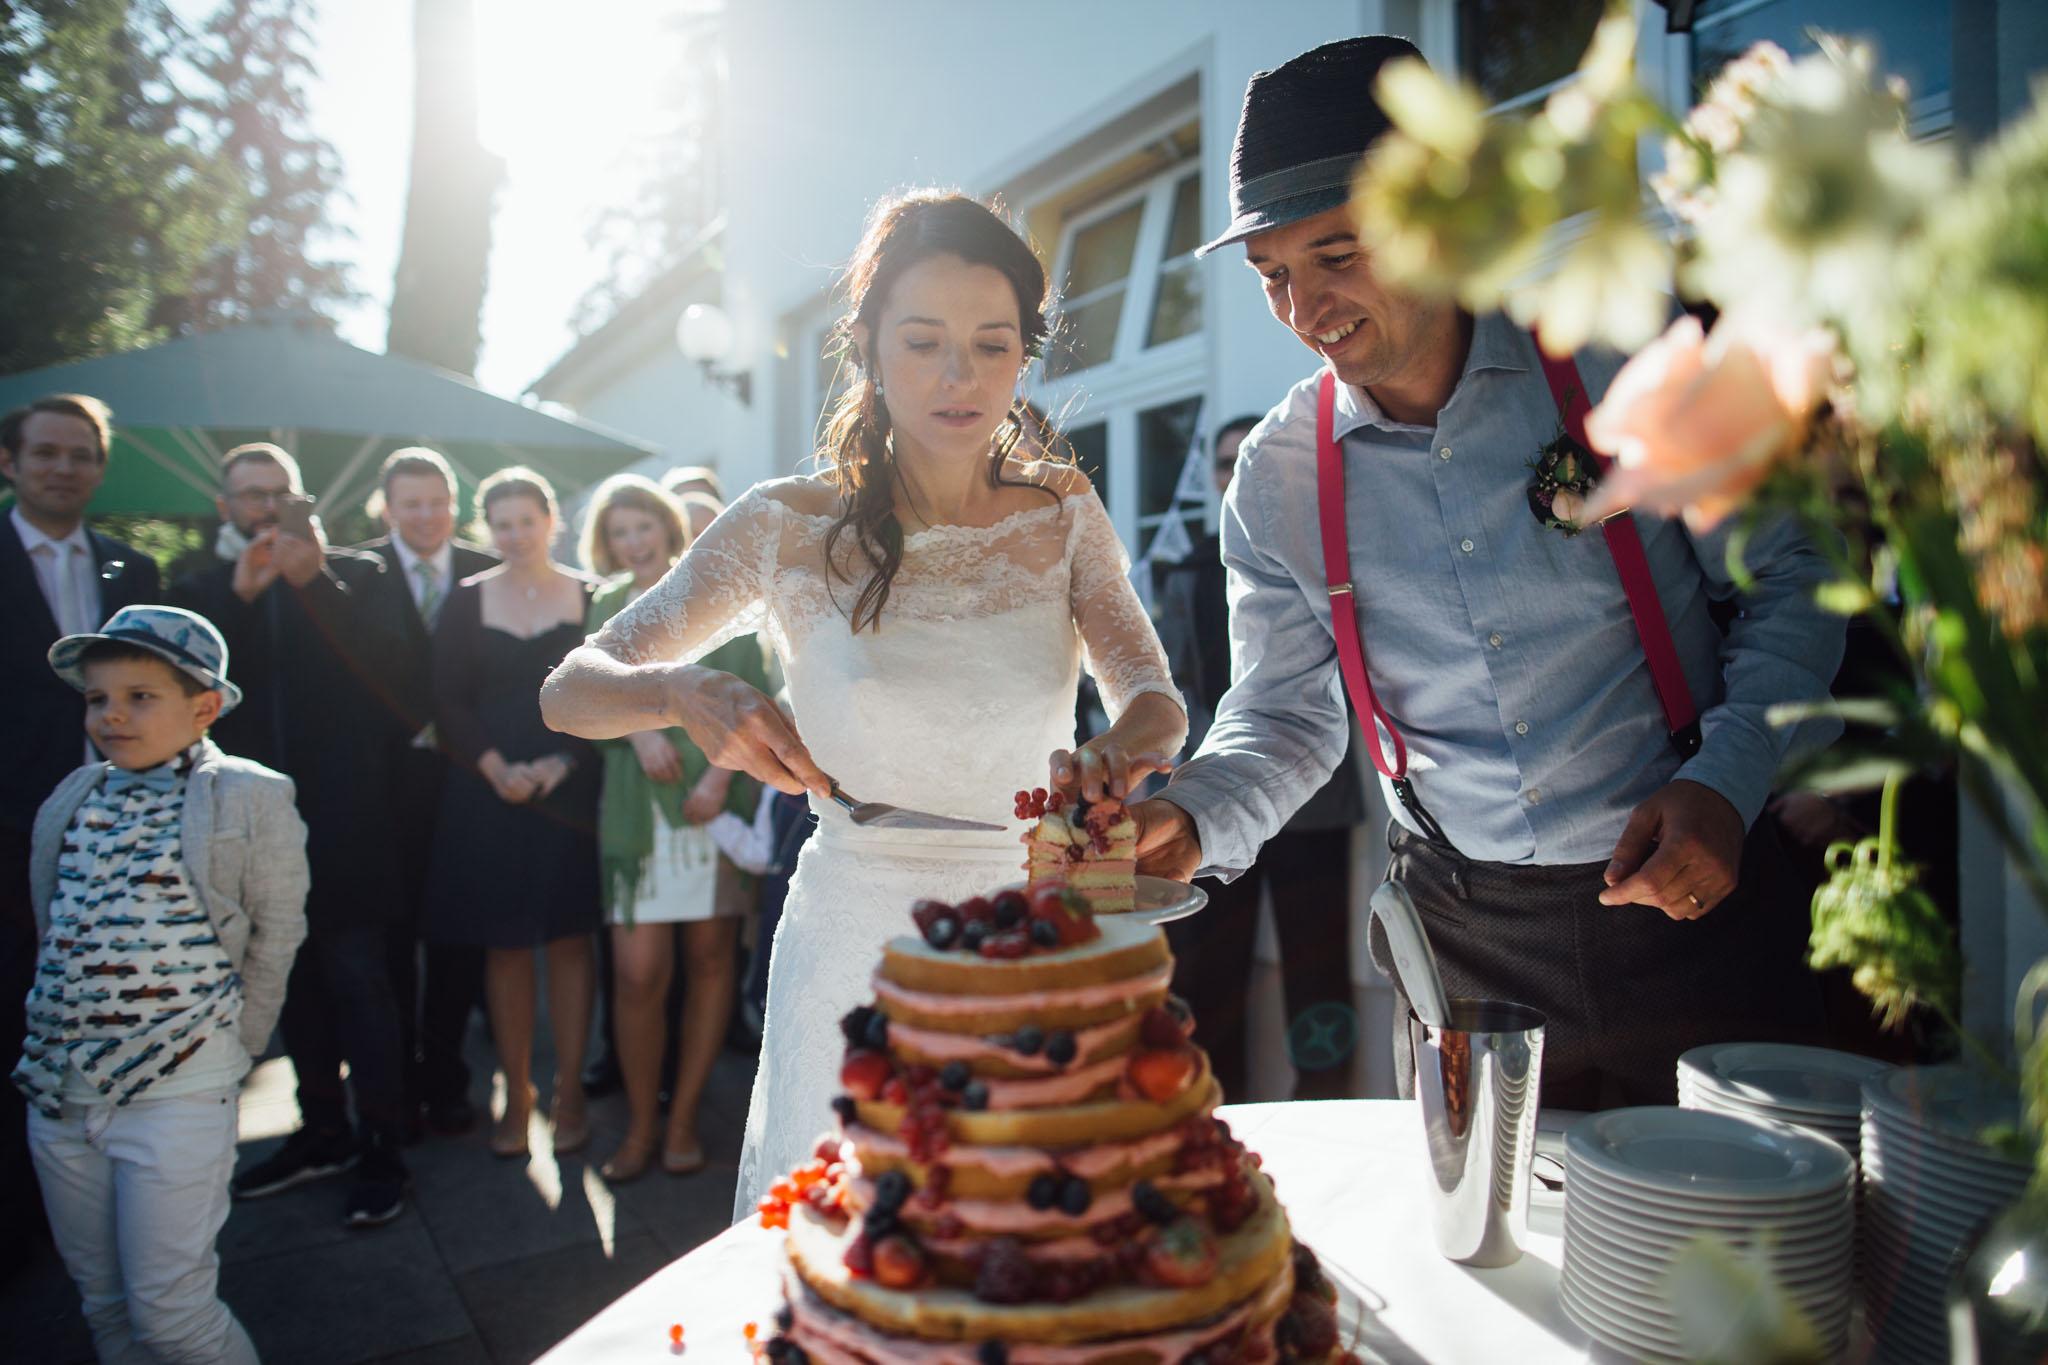 hochzeitsreportage-brandenburg-kuchen-anschneiden-cafe-wildau